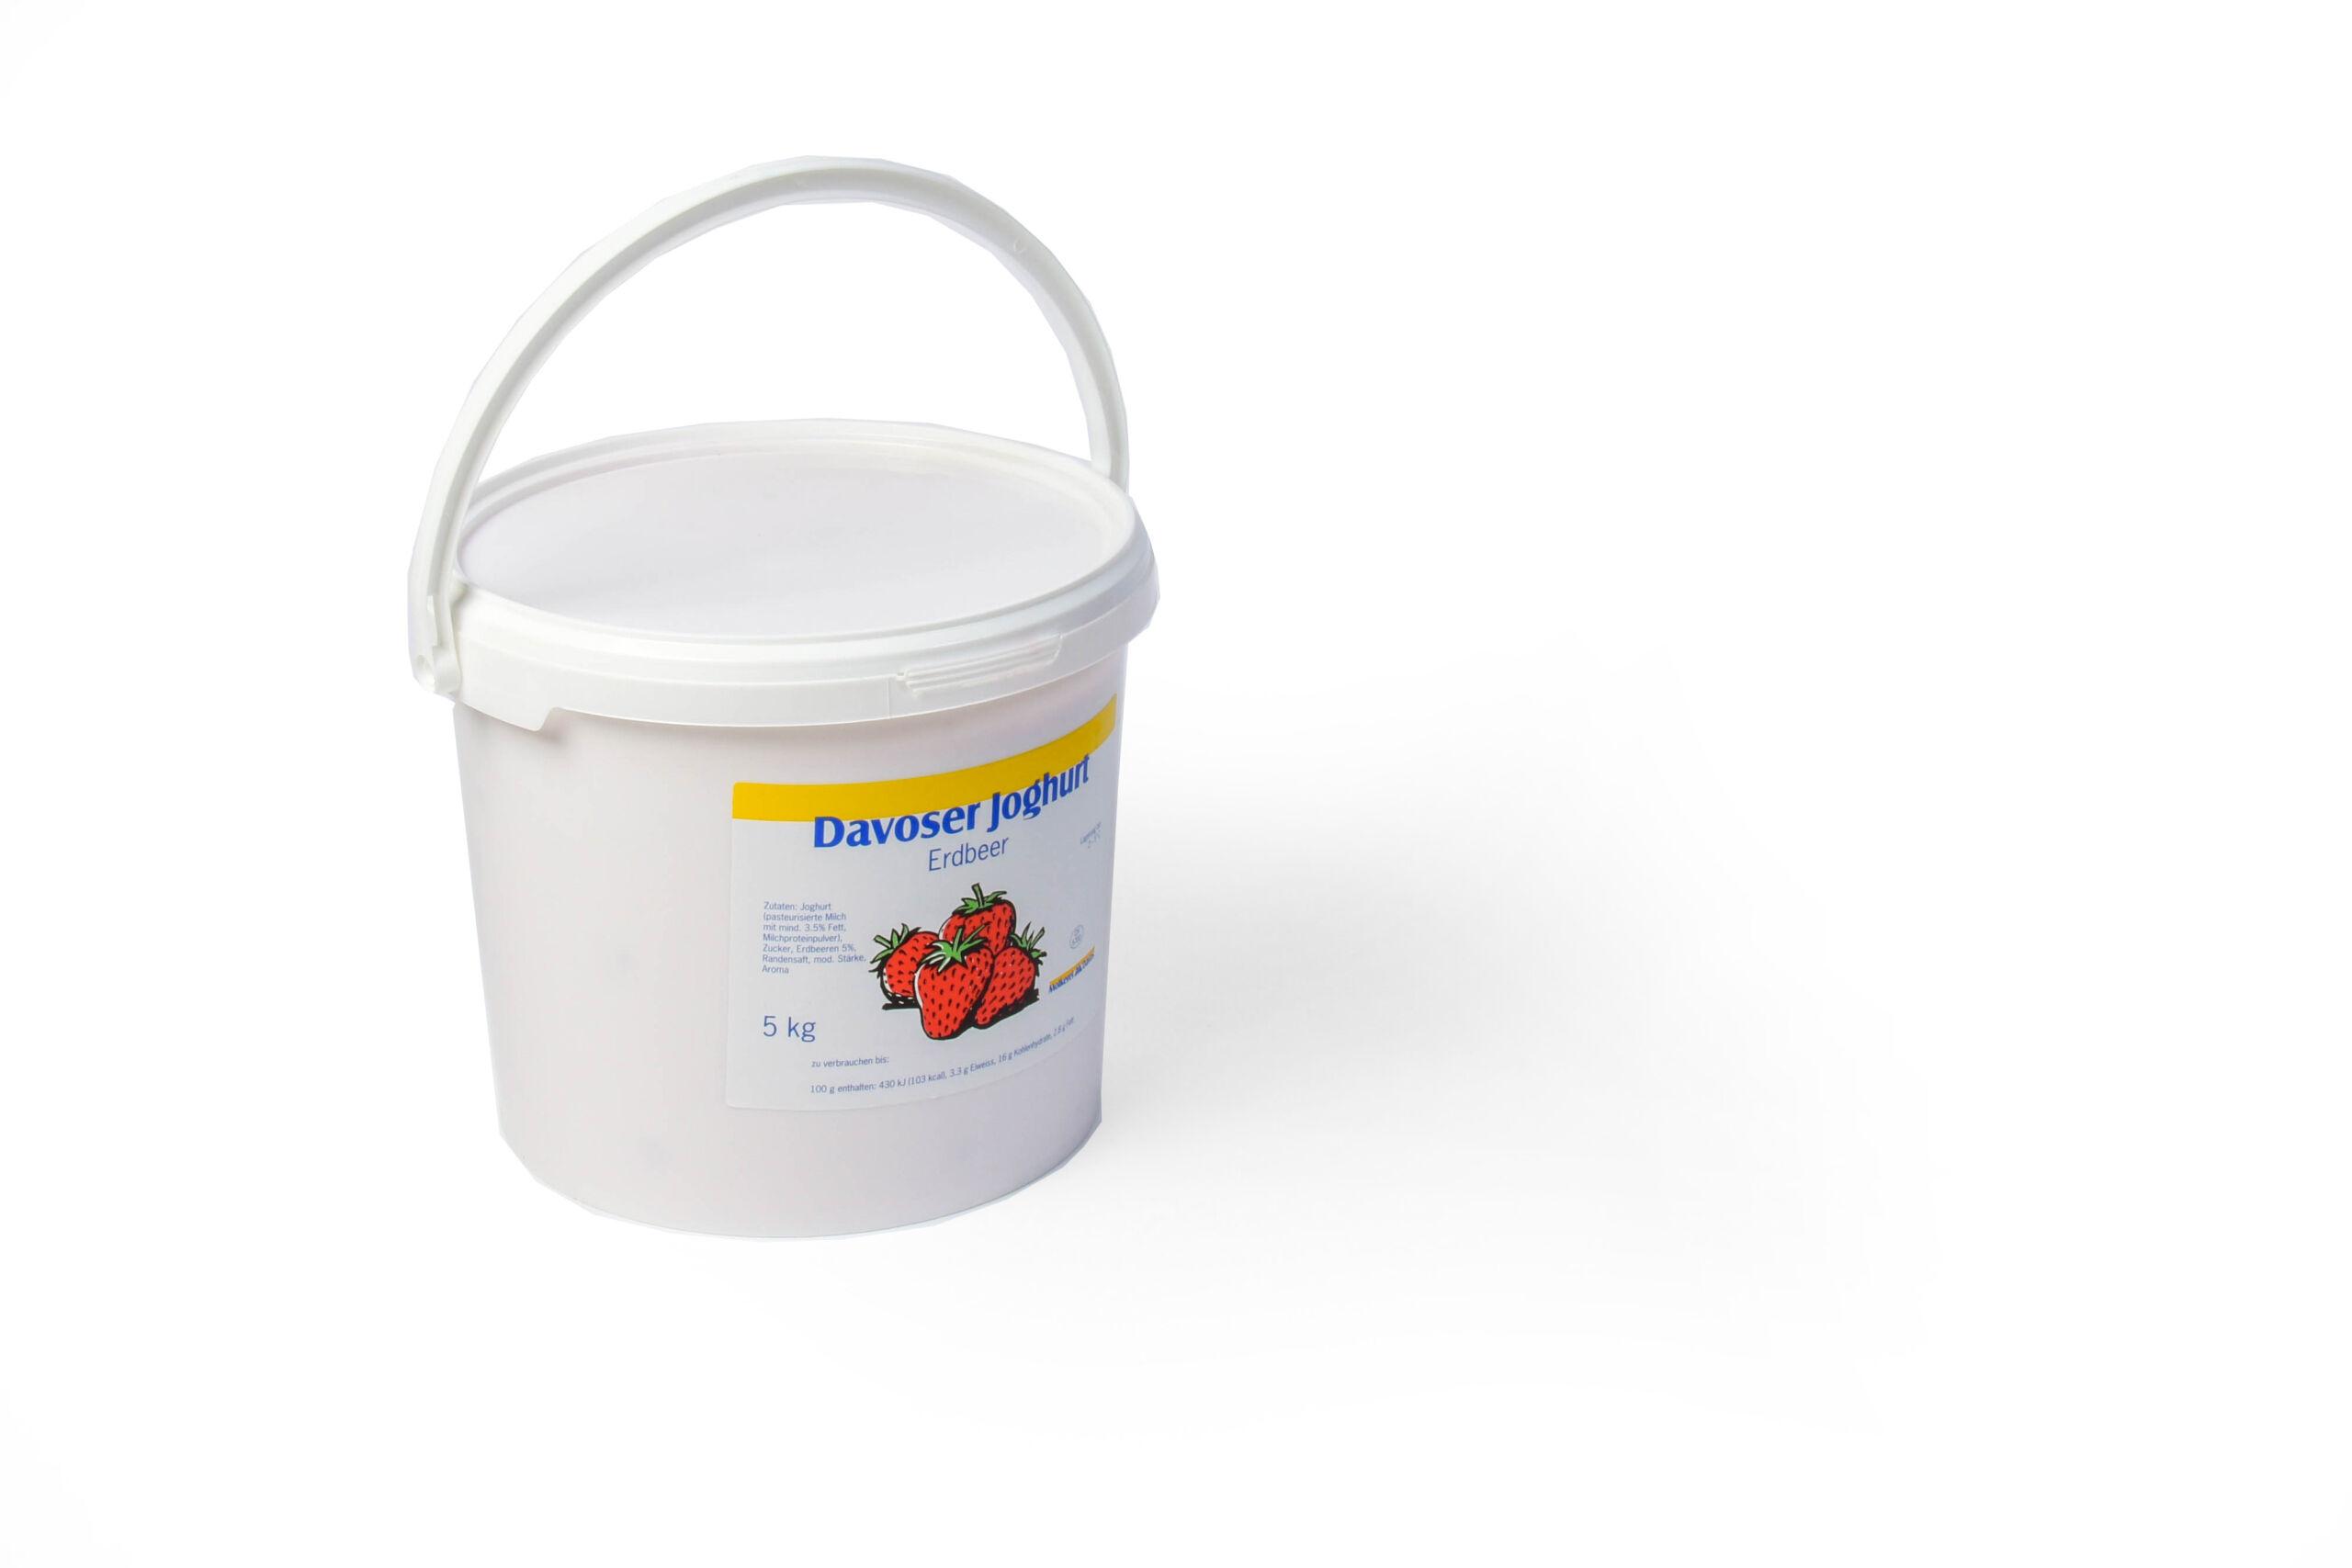 DSC_2340 Joghurt Erbeer 5000gr Kopie